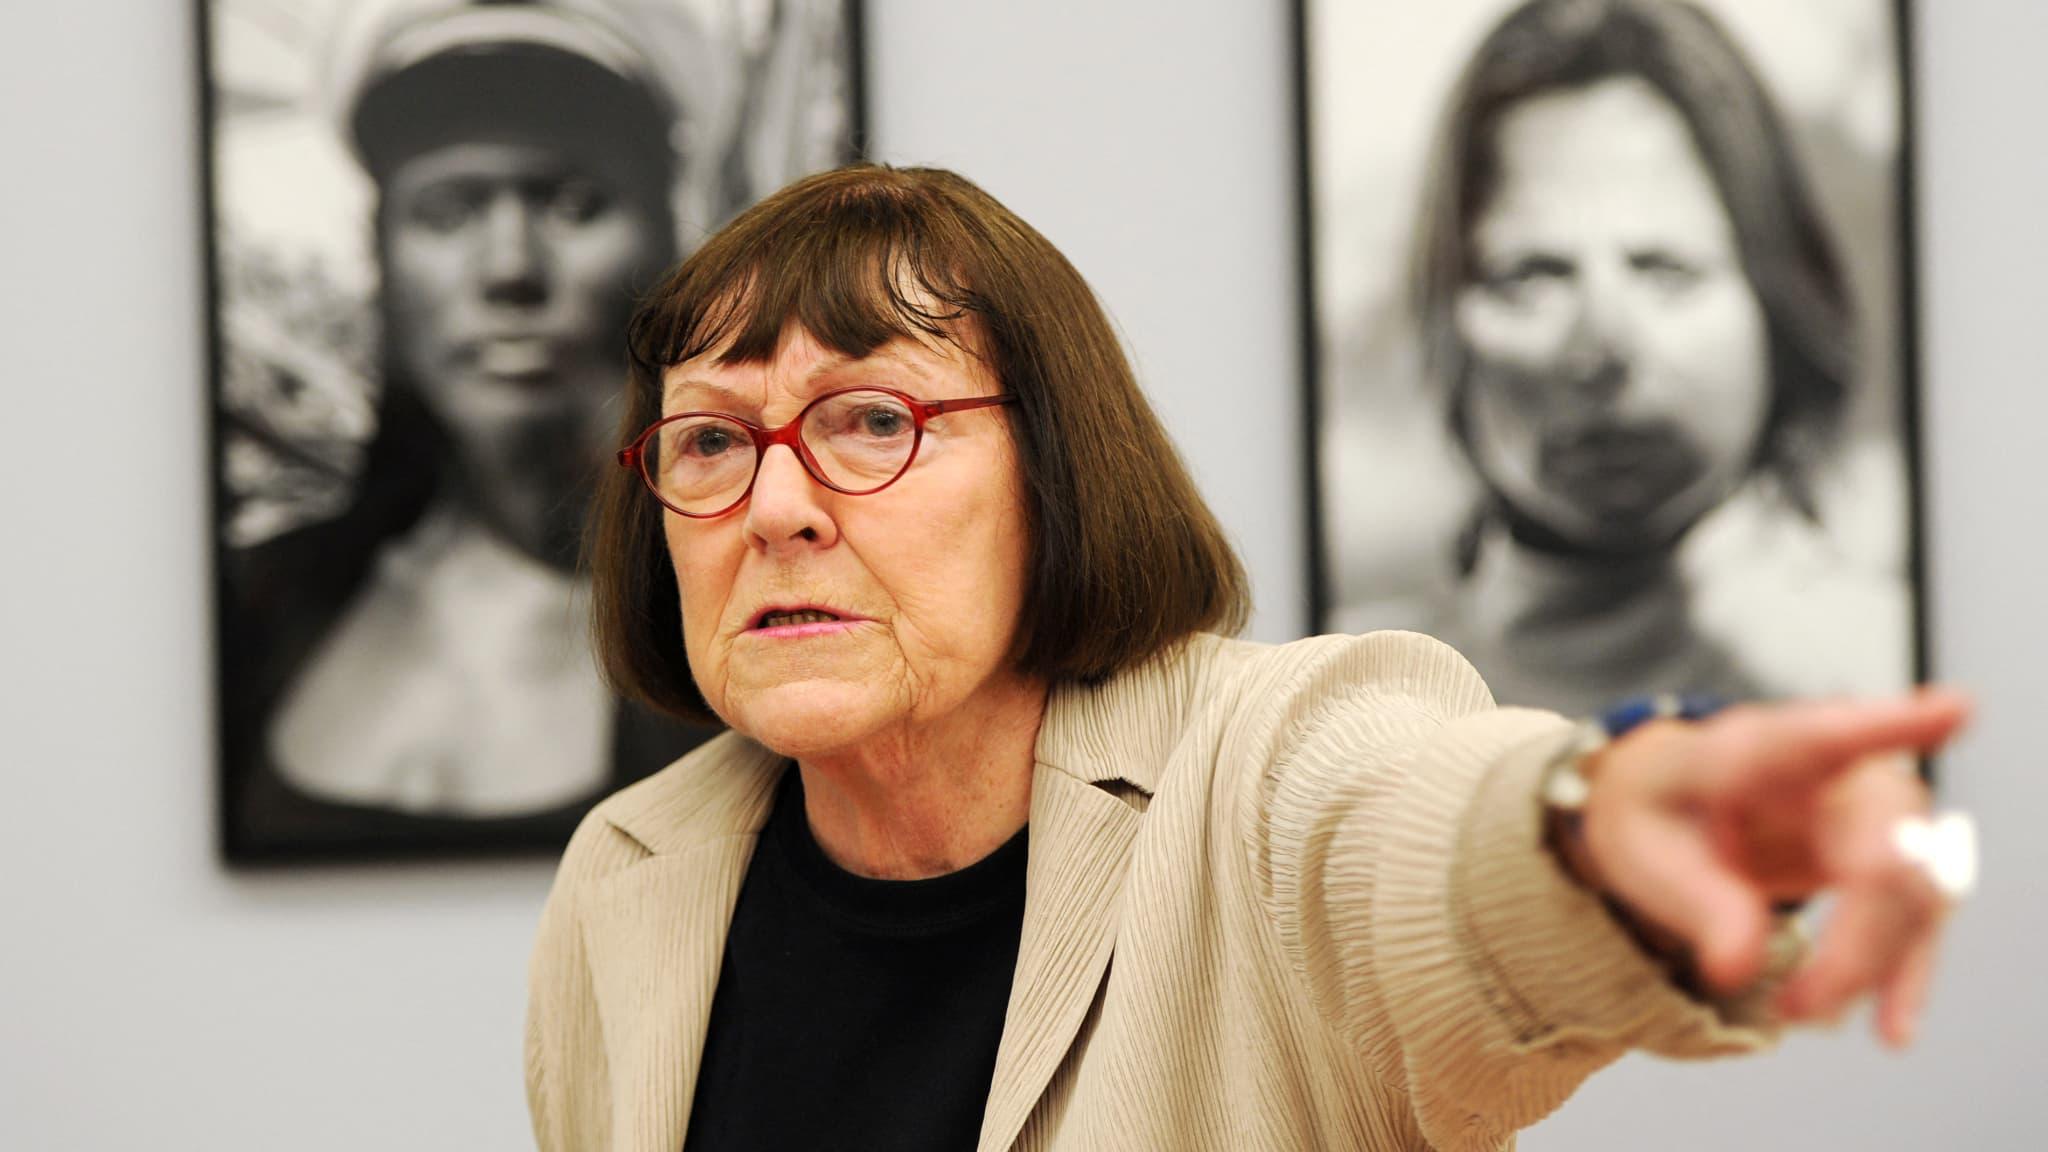 La photographe June Newton, veuve d'Helmut Newton, est morte à l'âge de 97 ans